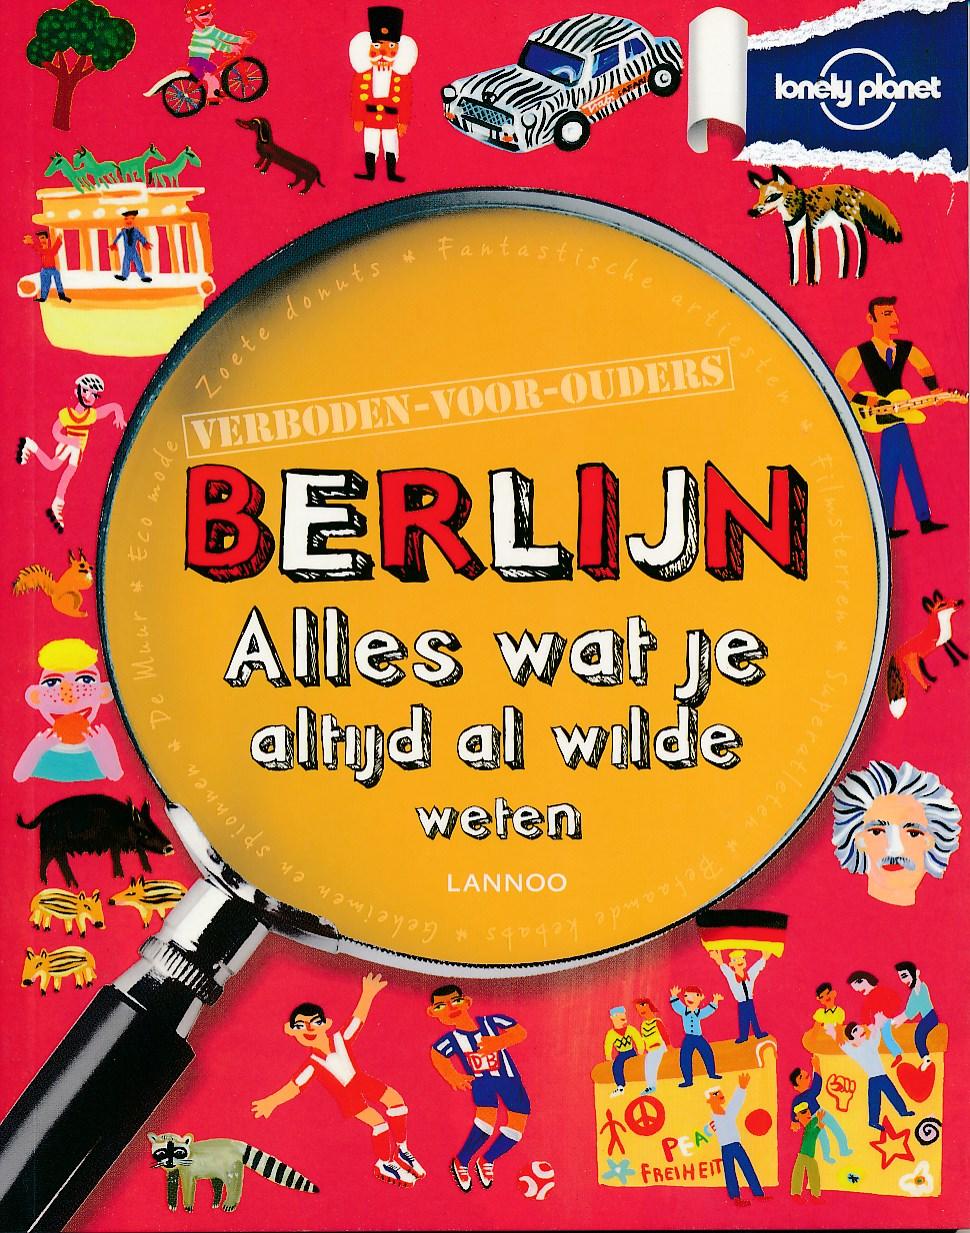 Kinderreisgids Verboden voor ouders Berlijn   Lonely Planet   Helen Greathead